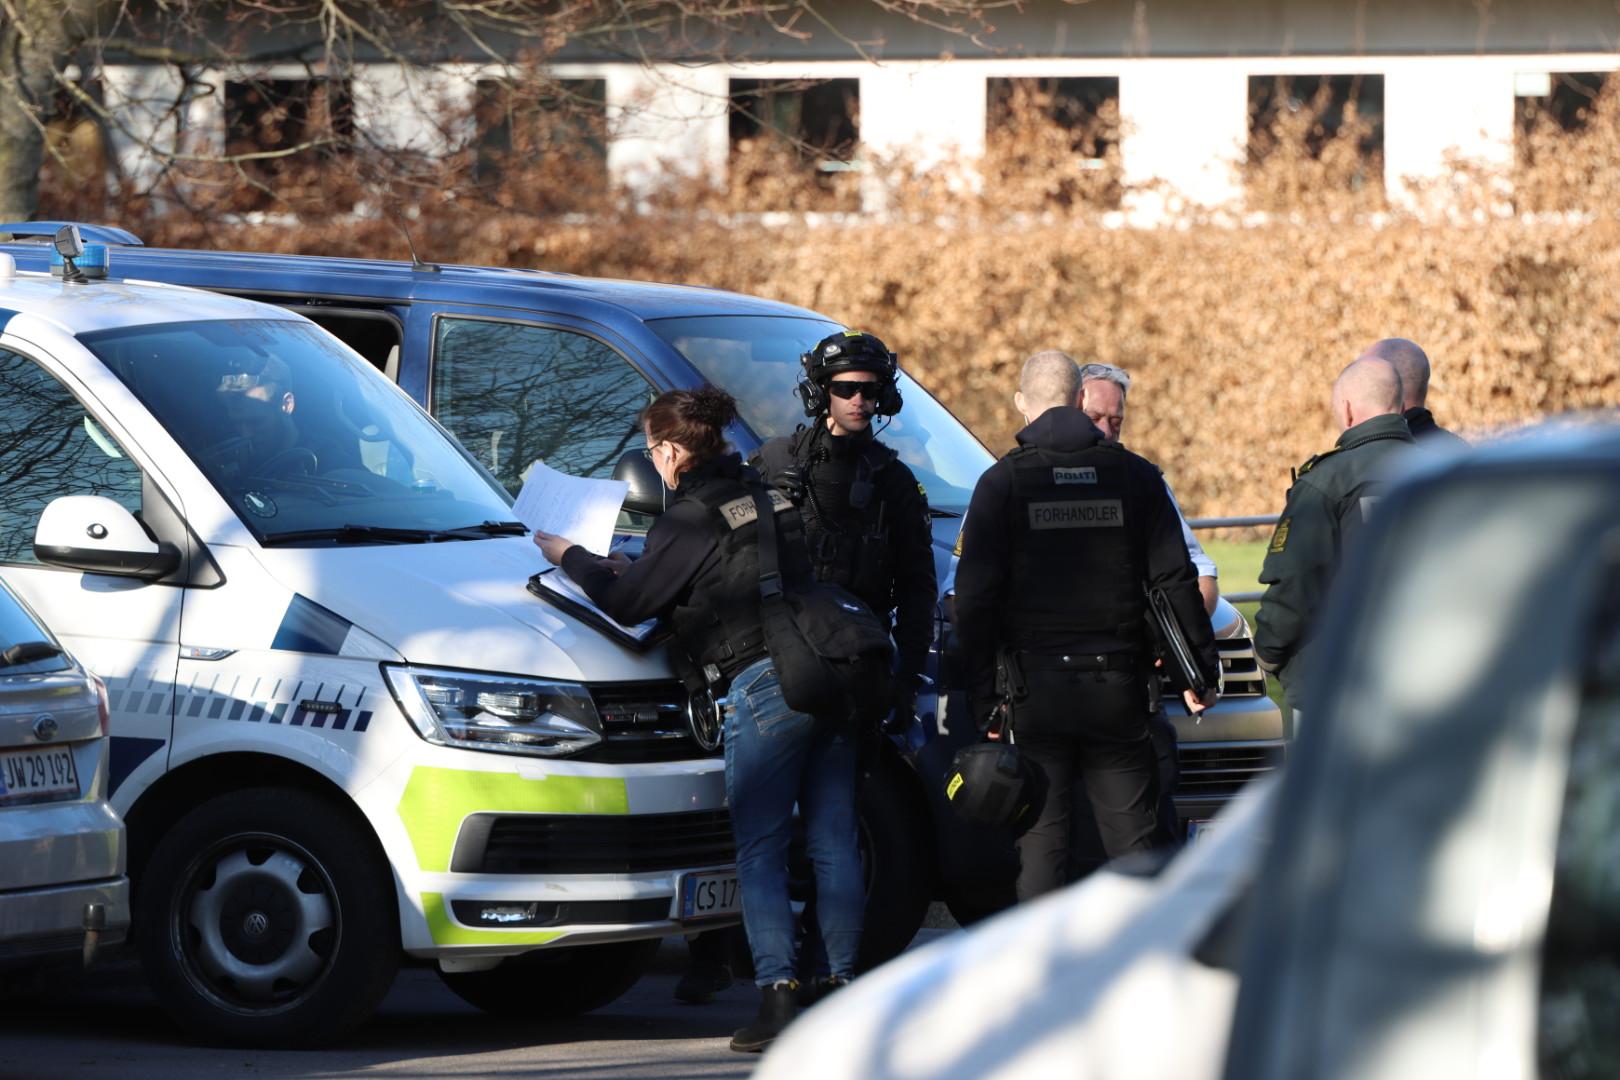 En person anholdt: Stor politiaktion i Aarhus er afsluttet